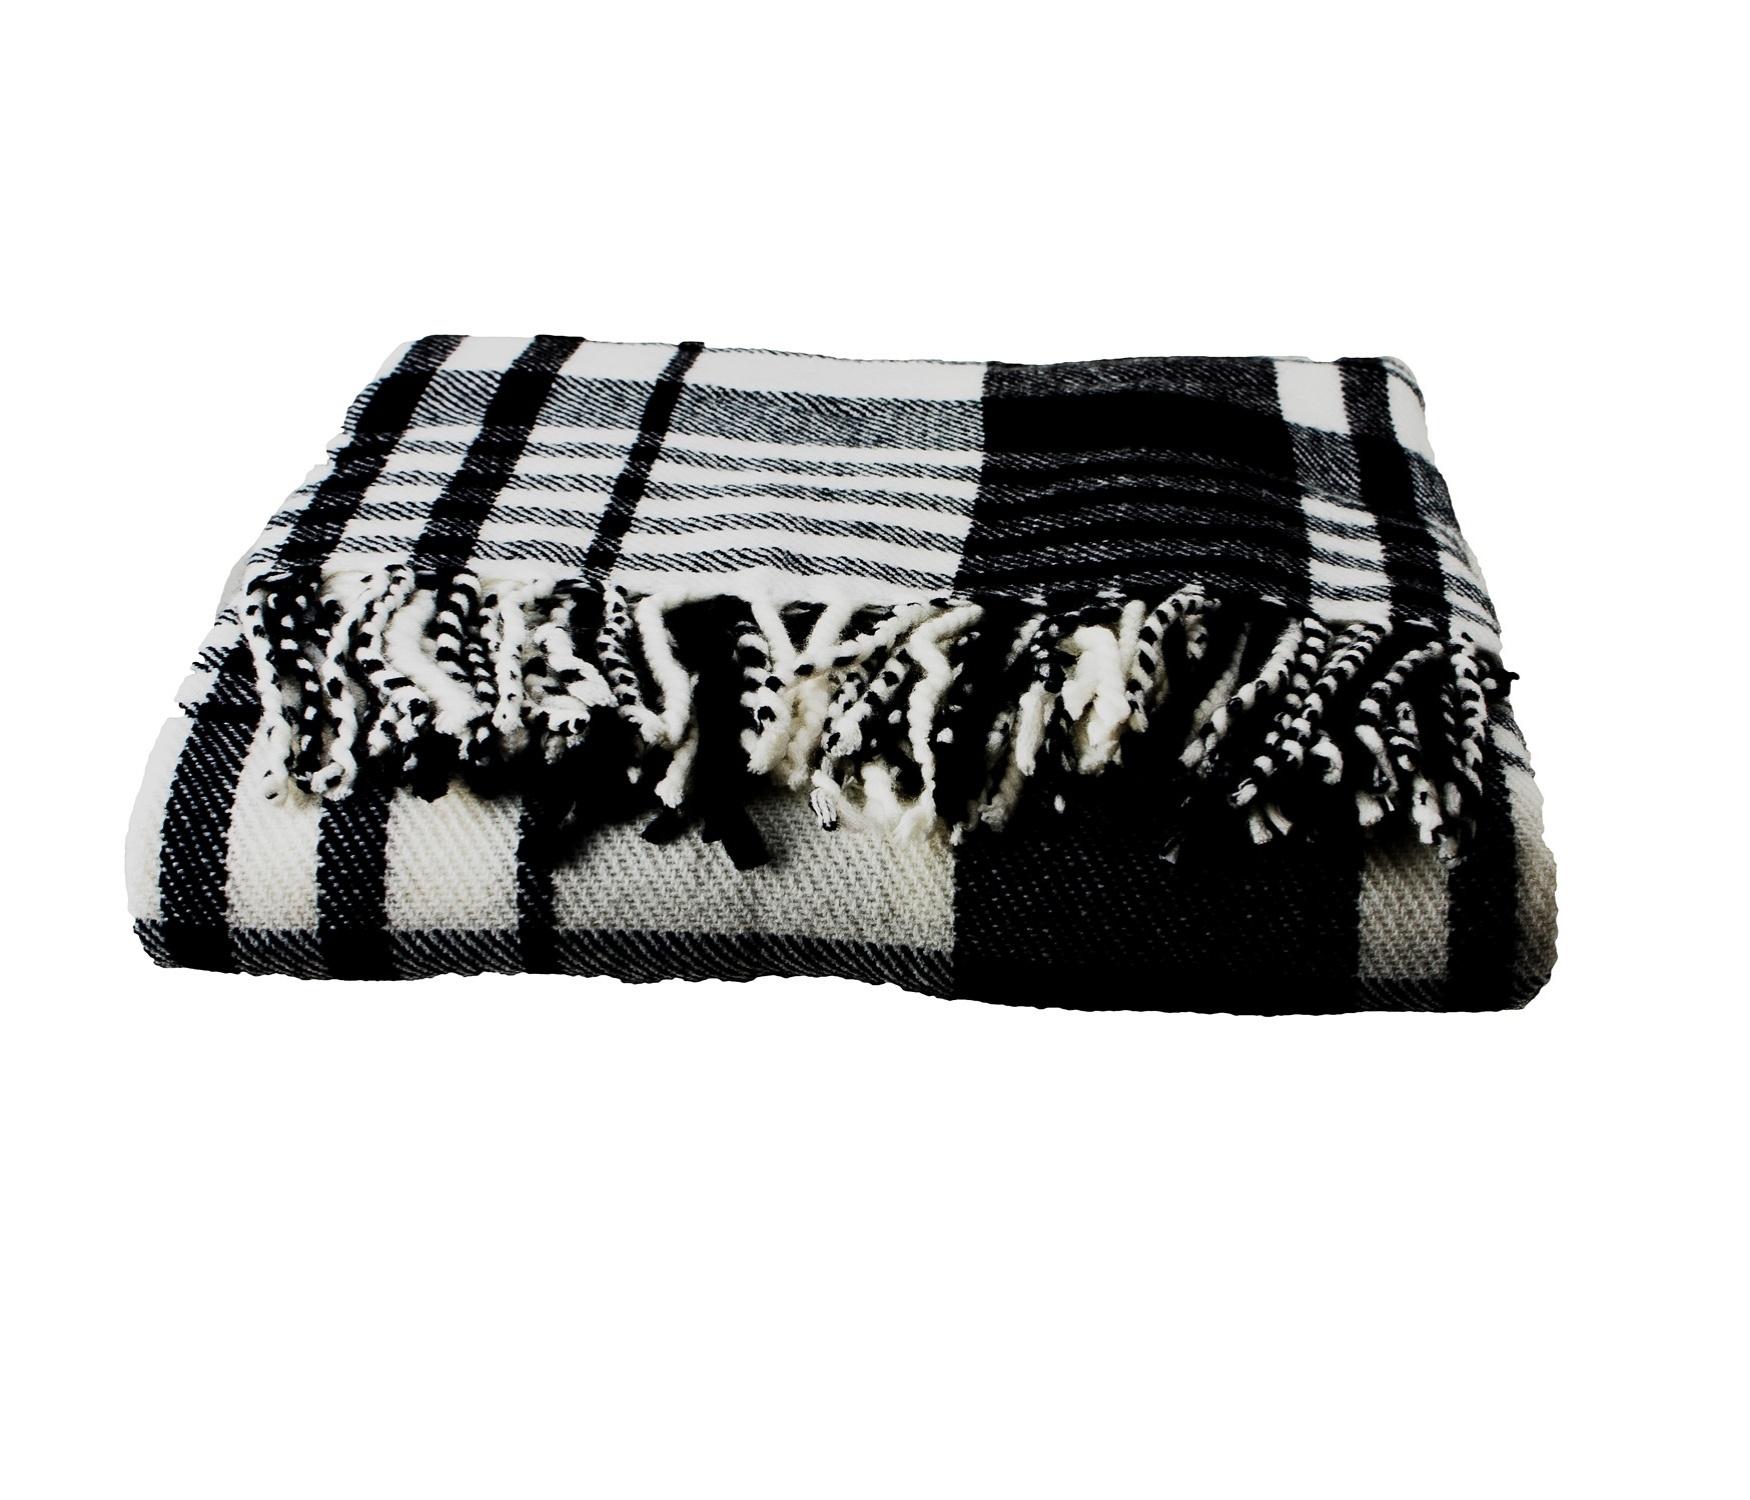 A manta Perfetti é confeccionada em poliéster e mede 130 cm por 170 cm. O produto é vendido na Etna (www.etna.com.br)  I Outras informações podem ser obtidas com o fornecedor